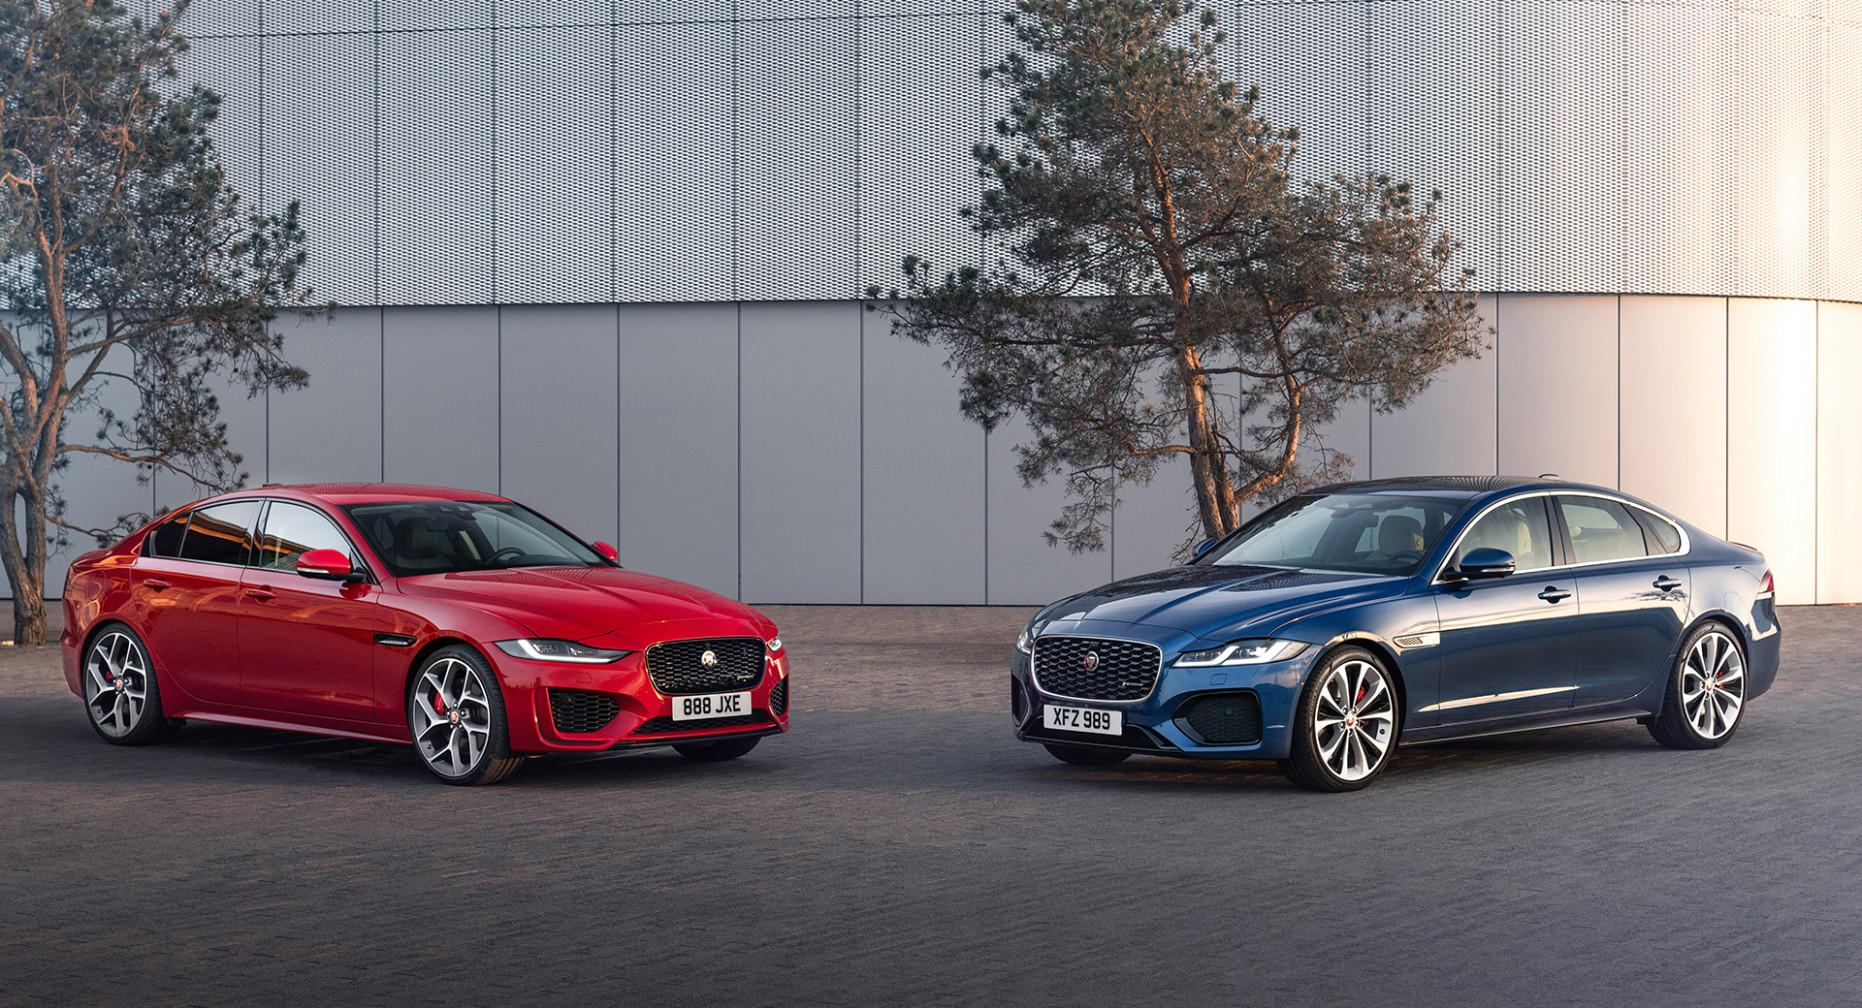 Picture Jaguar Engines 2022